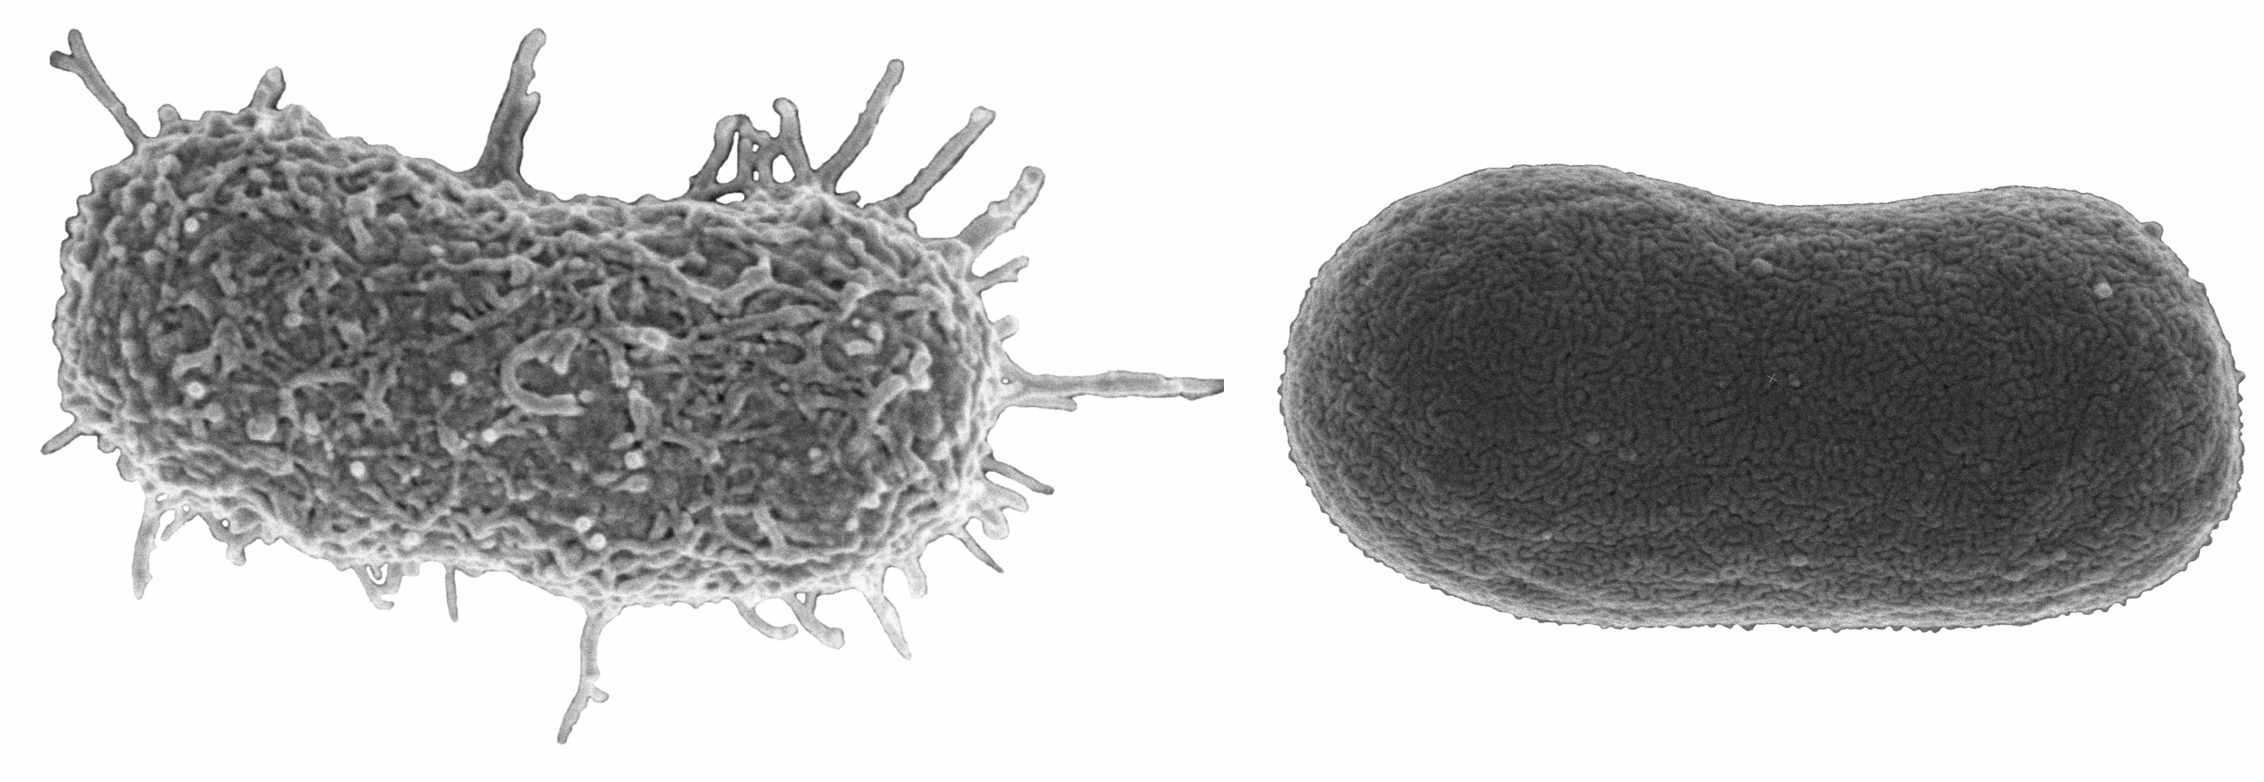 Попытка защититься от бактериофагов вернула бактерии чувствительность к антибиотикам